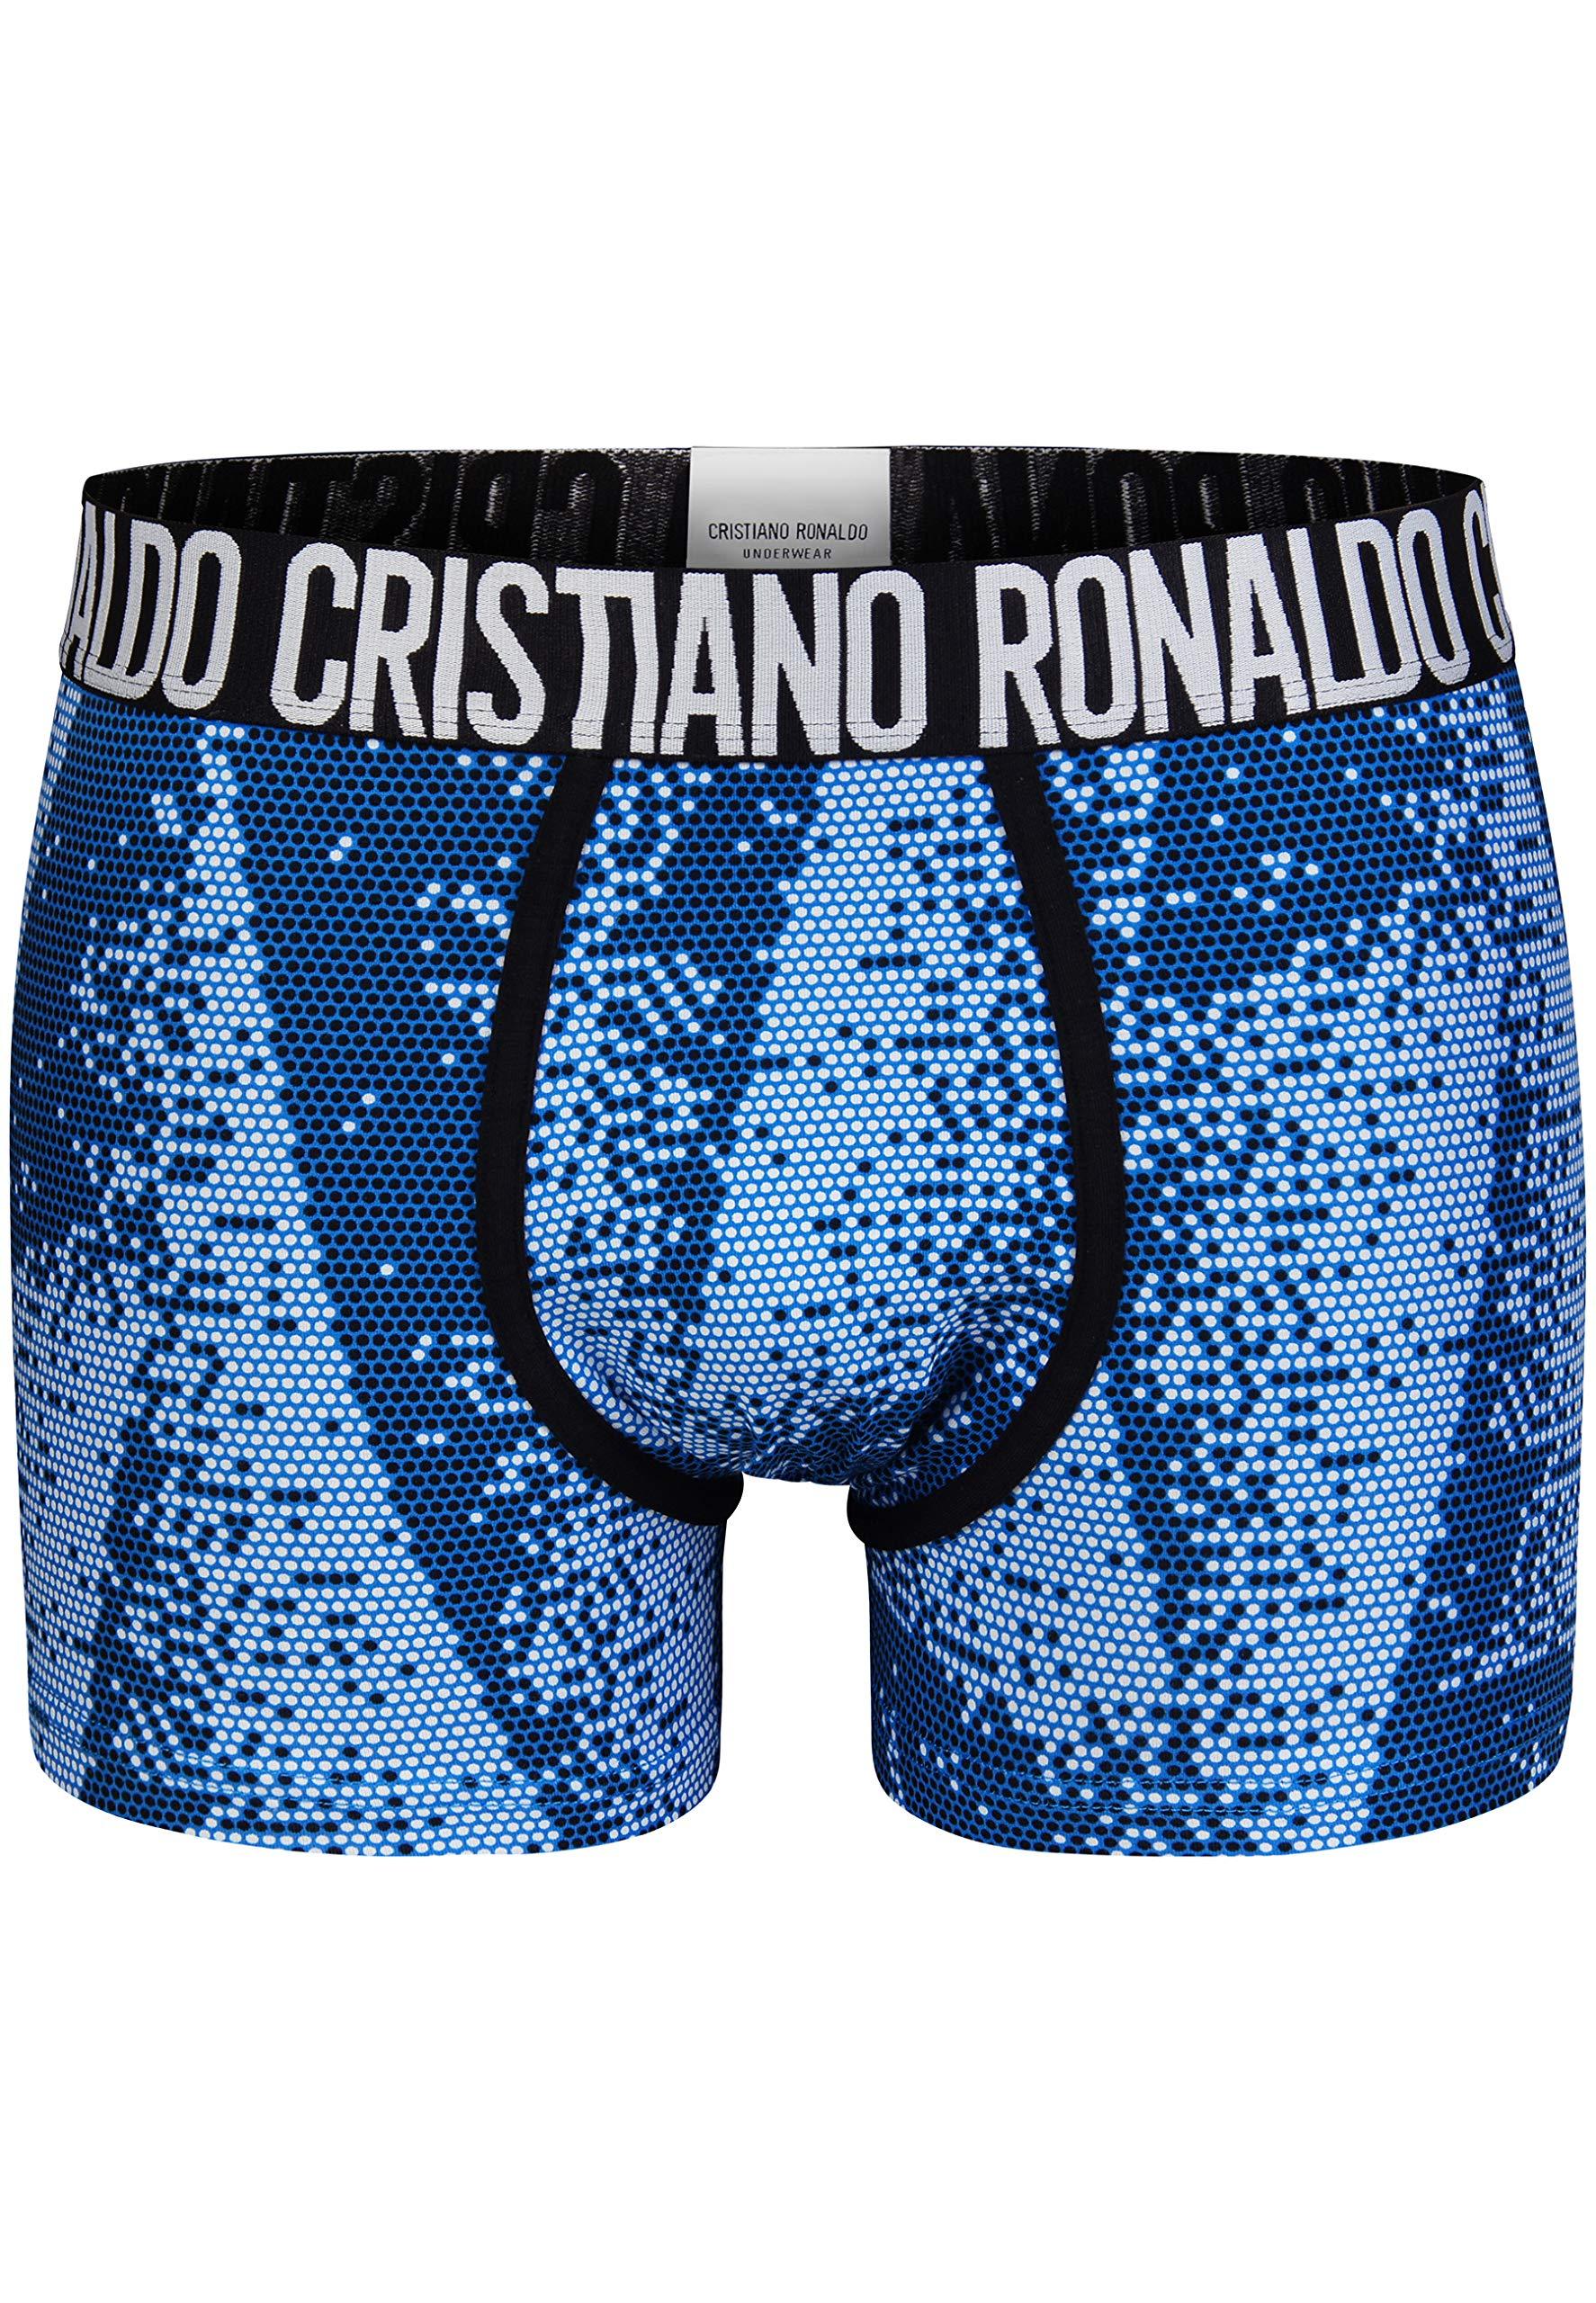 CR7 Cristiano Ronaldo – Fashion – Bóxers para Hombre a la Moda – Pack de 2 – Blanco/Azul – Tamaño M | 5 | 50 (CR7-JBS-8302-49-529-M)